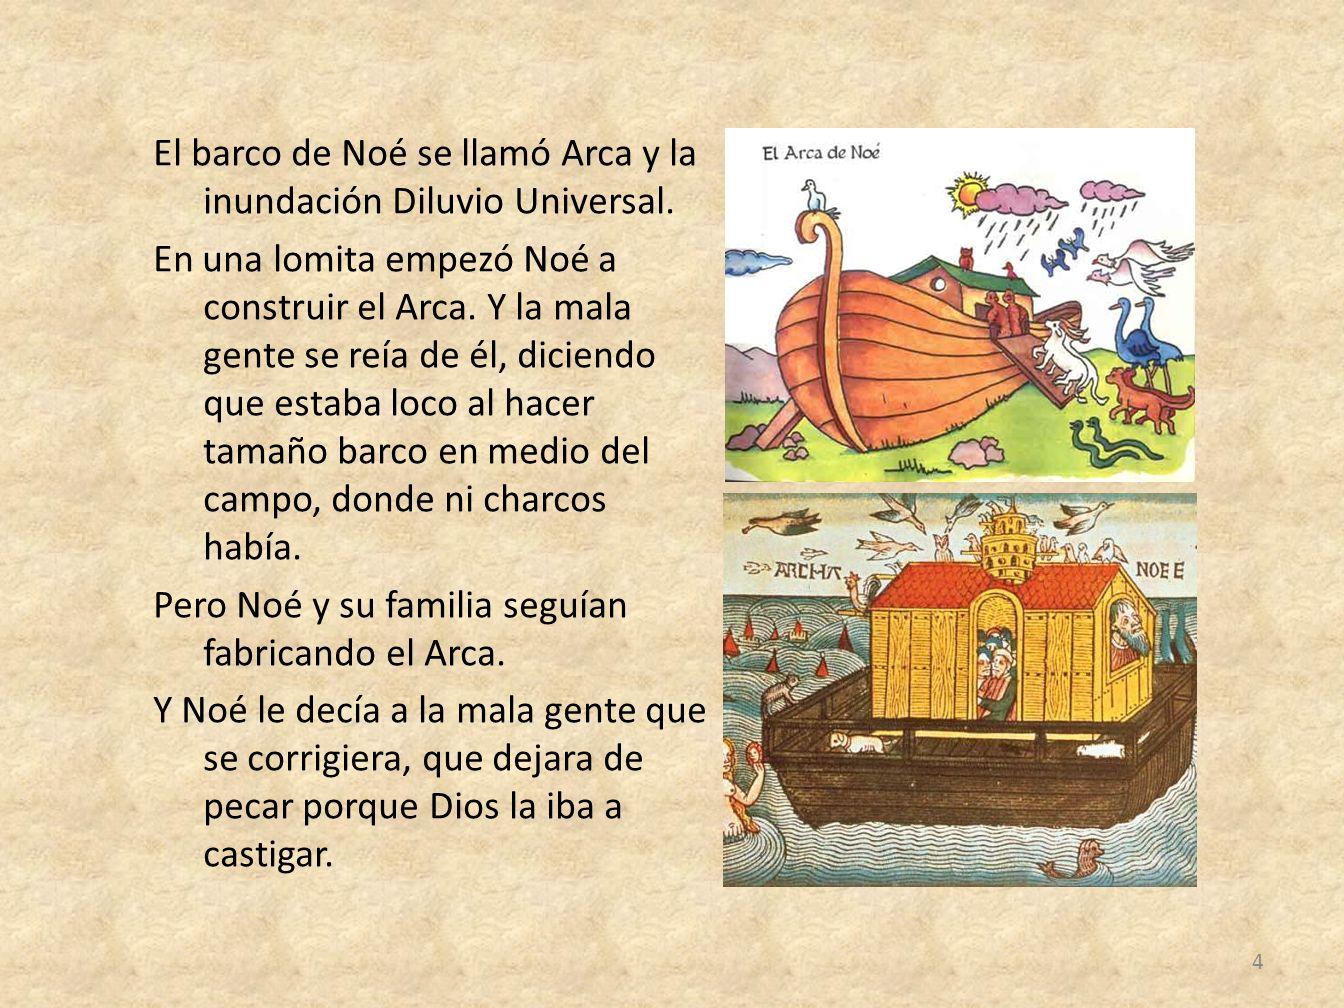 El barco de Noé se llamó Arca y la inundación Diluvio Universal